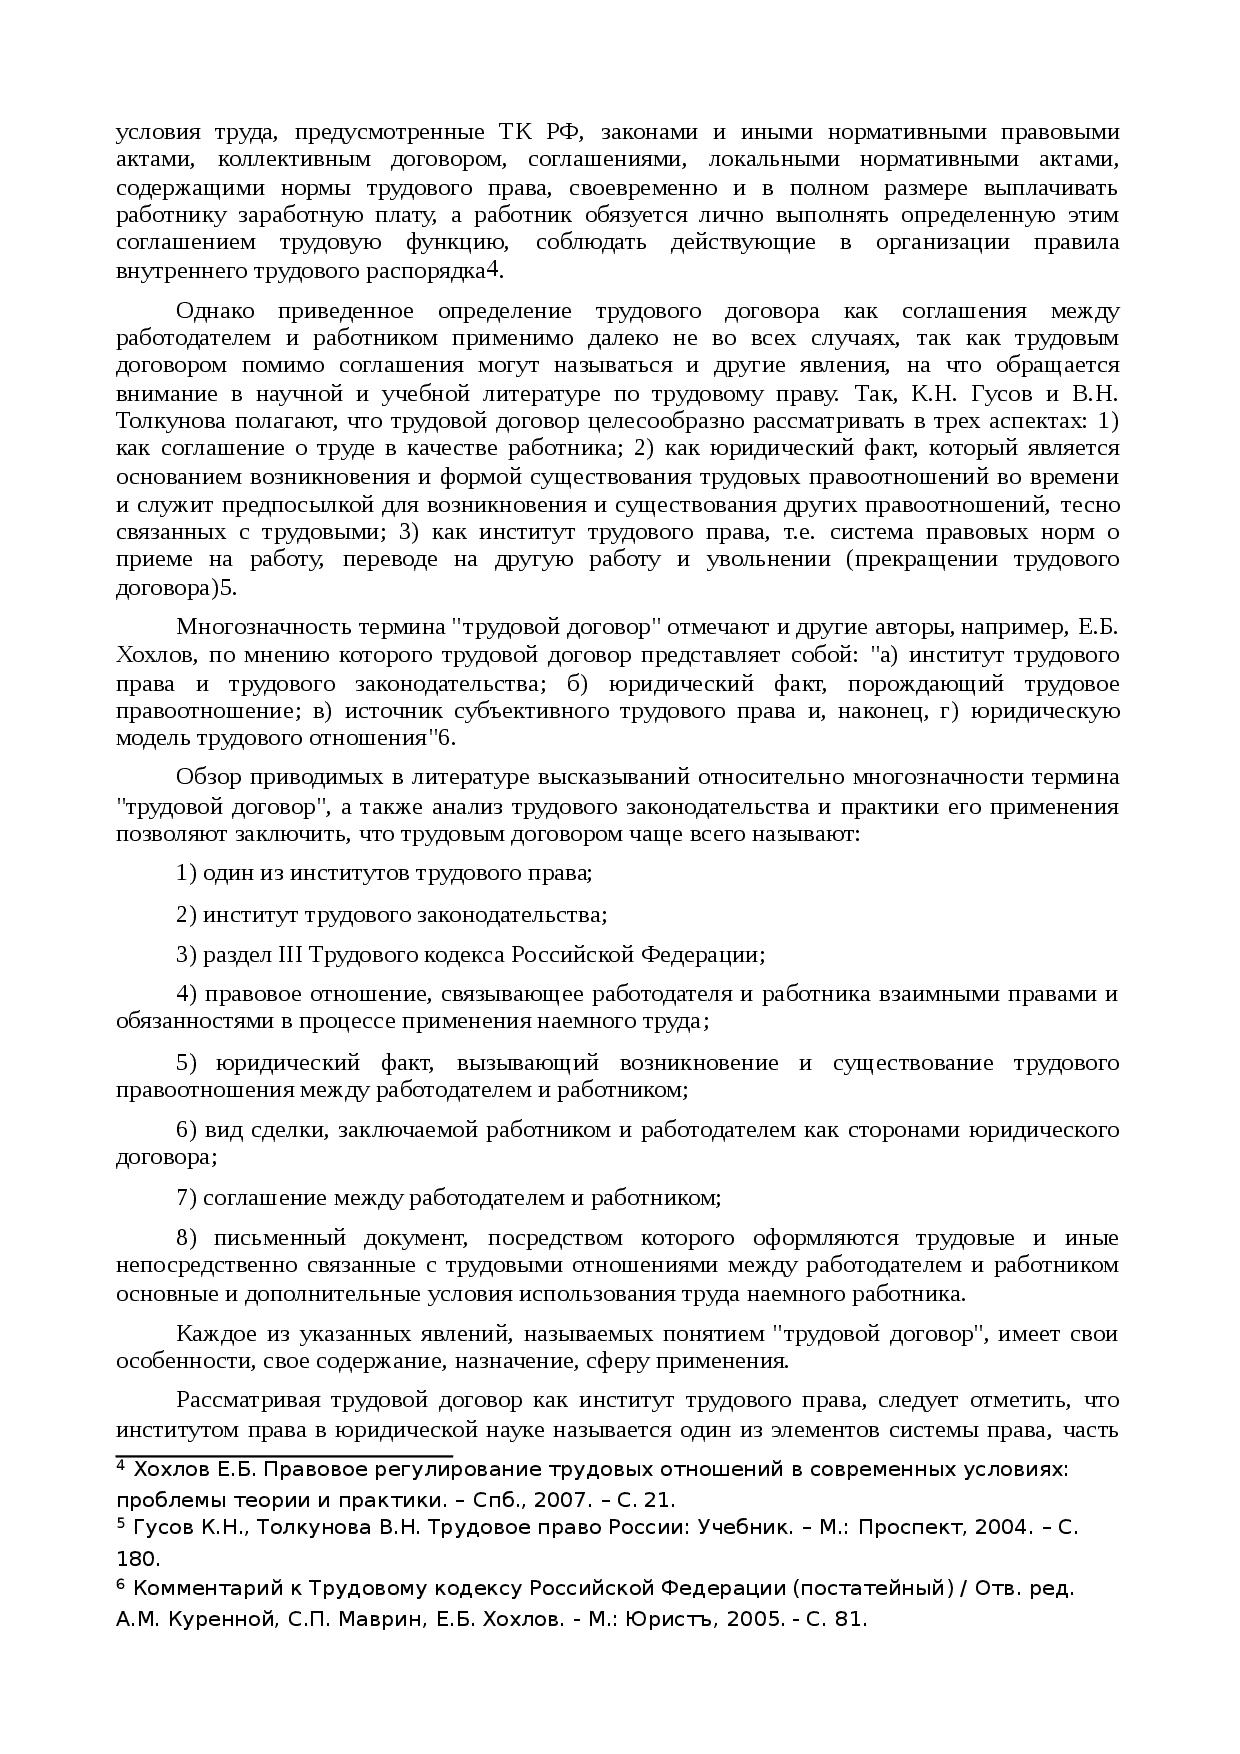 Заключение и расторжение трудового договора по тк рф